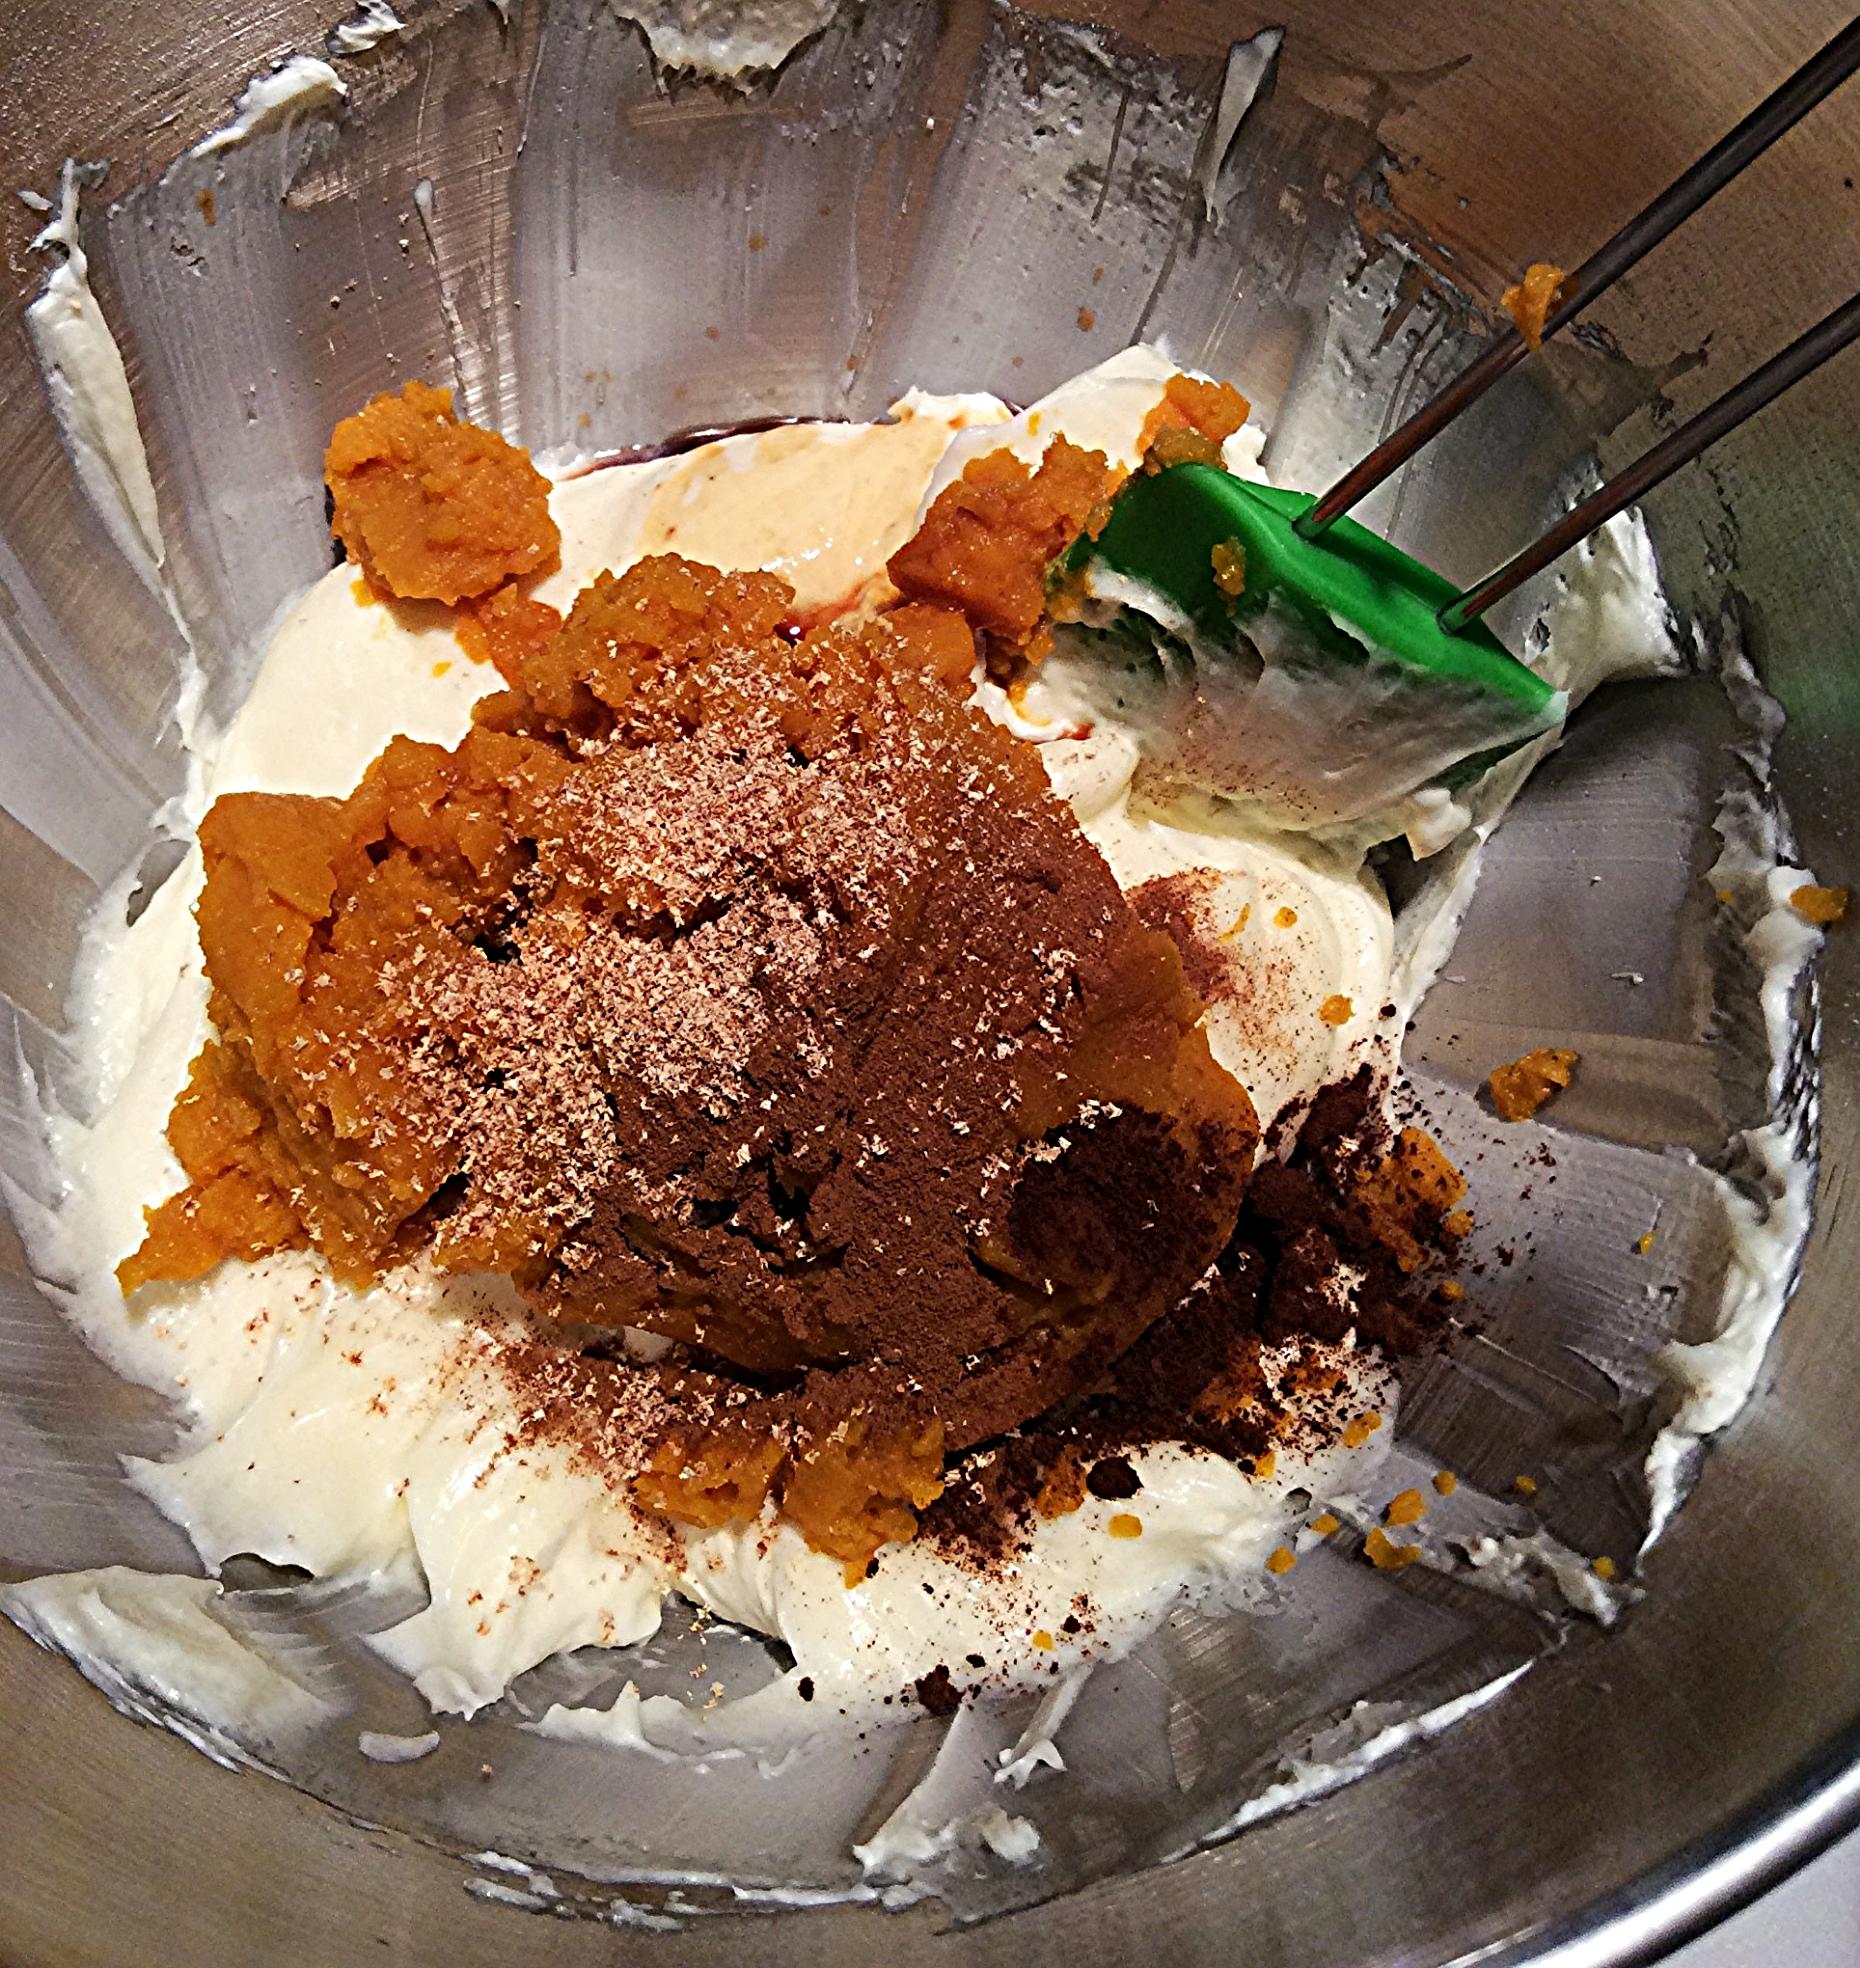 Leve o cream cheese àbatedeira, misturando-o até que esteja macio. Acrescente o açúcar e bata até incorporar. Com a batedeira desligada, adicione o purê de abóbora, as especiarias e o extrato de baunilha. Bata até que tudo esteja bem homogêneo. lembre-se de raspar a superfície e o fundo da tigela com uma espátula de silicone. Isso impede que sobre massa não misturada.